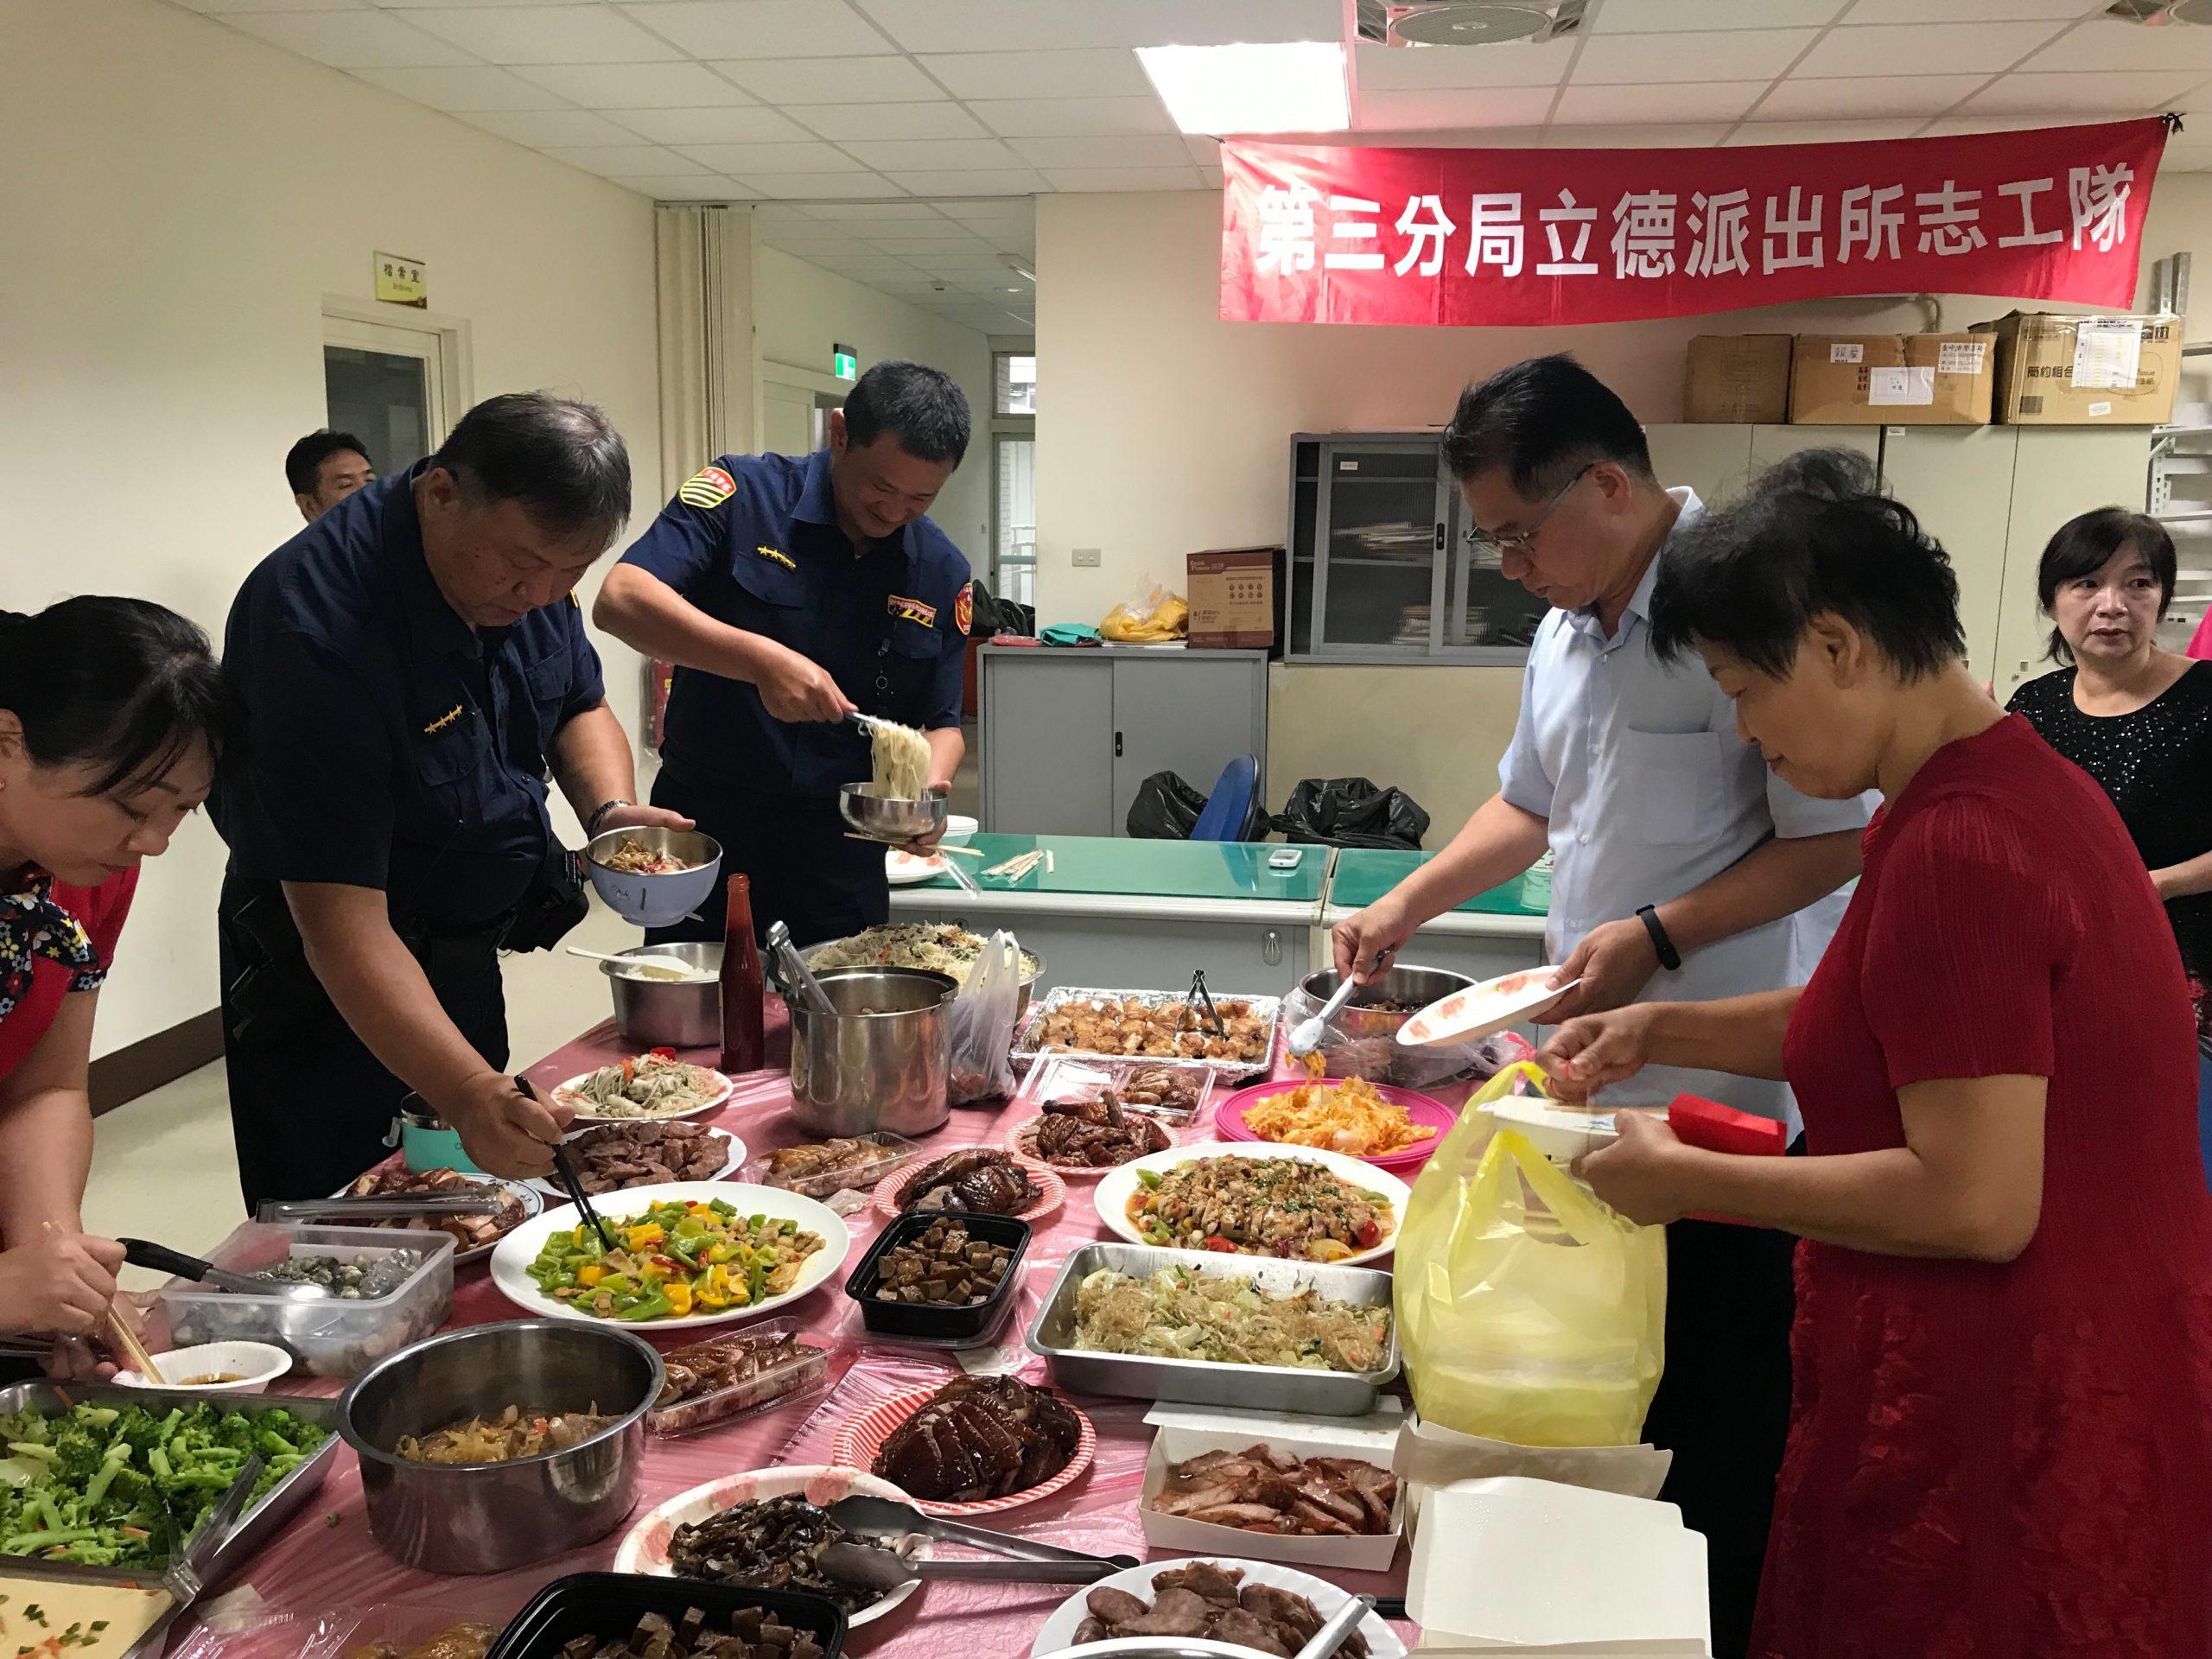 臺中治安進步有目共睹 志工媽媽上菜溫暖員警的胃。(記者白信東翻攝)